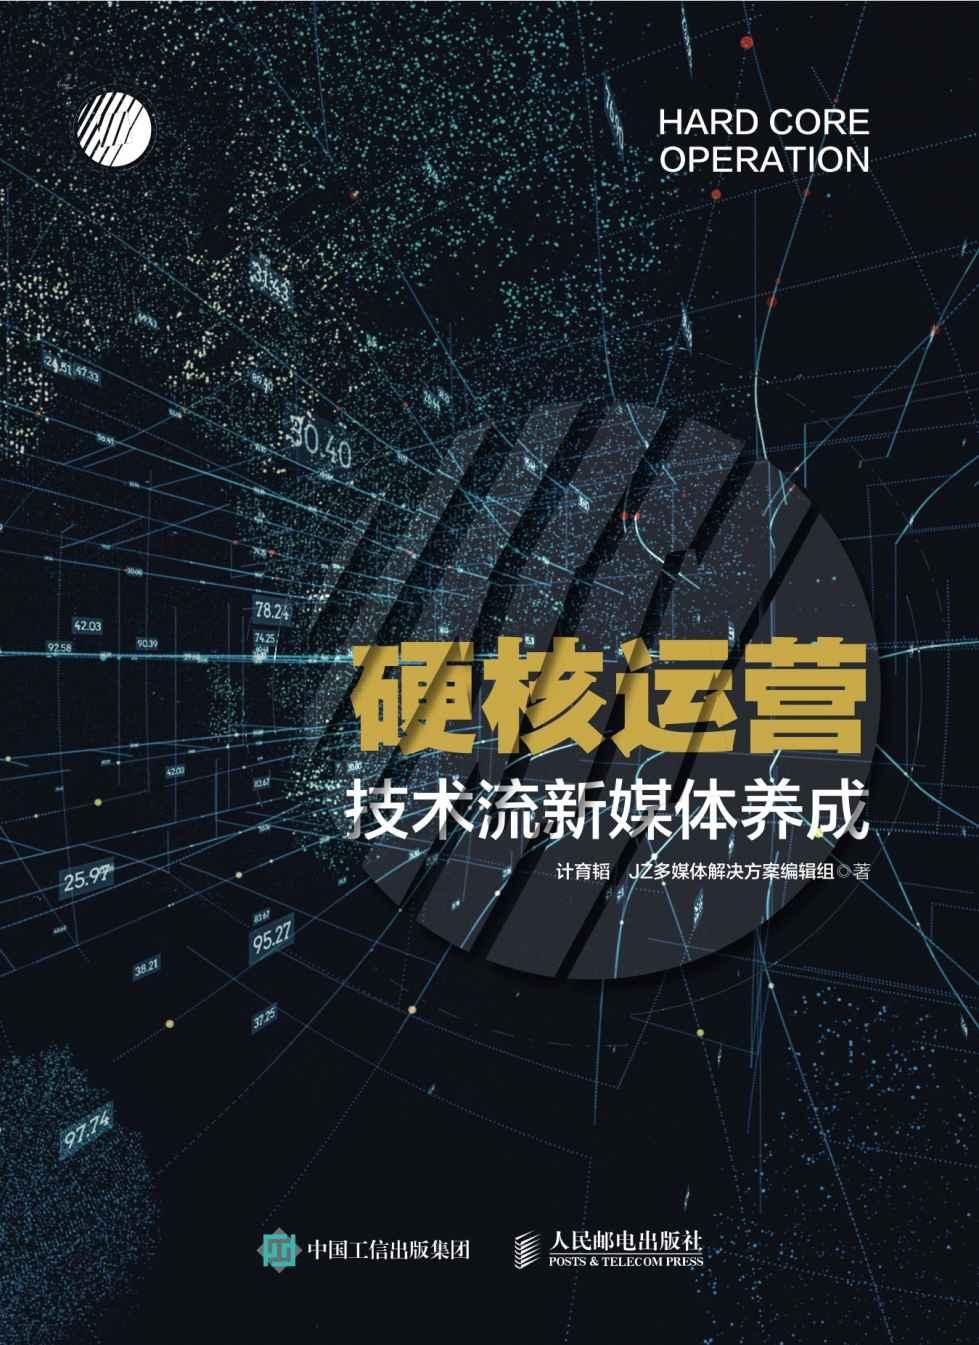 《硬核运营:技术流新媒体养成》pdf电子书下载